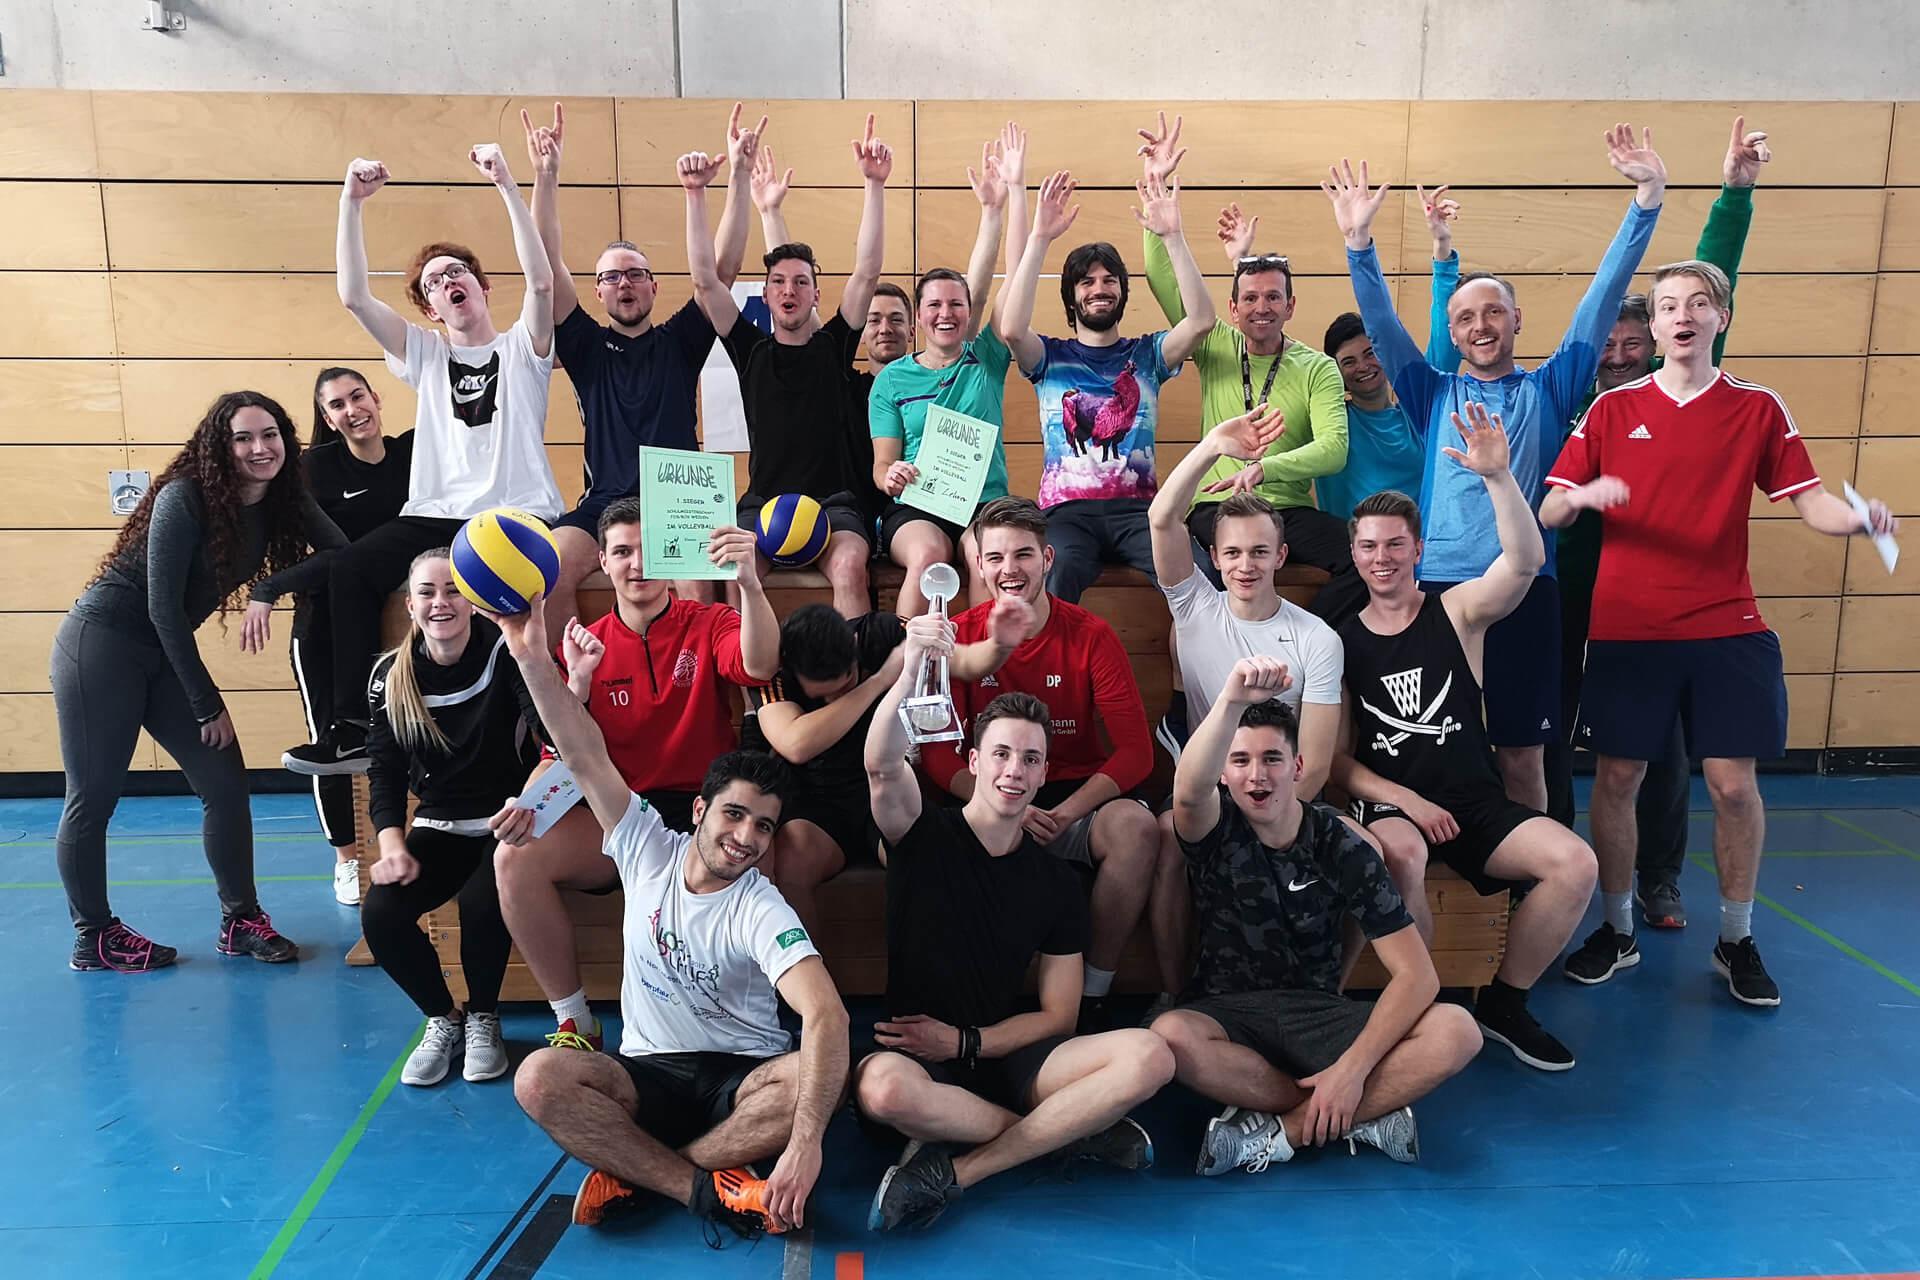 2019 02 20 Volleyballturnier Content Bild 5